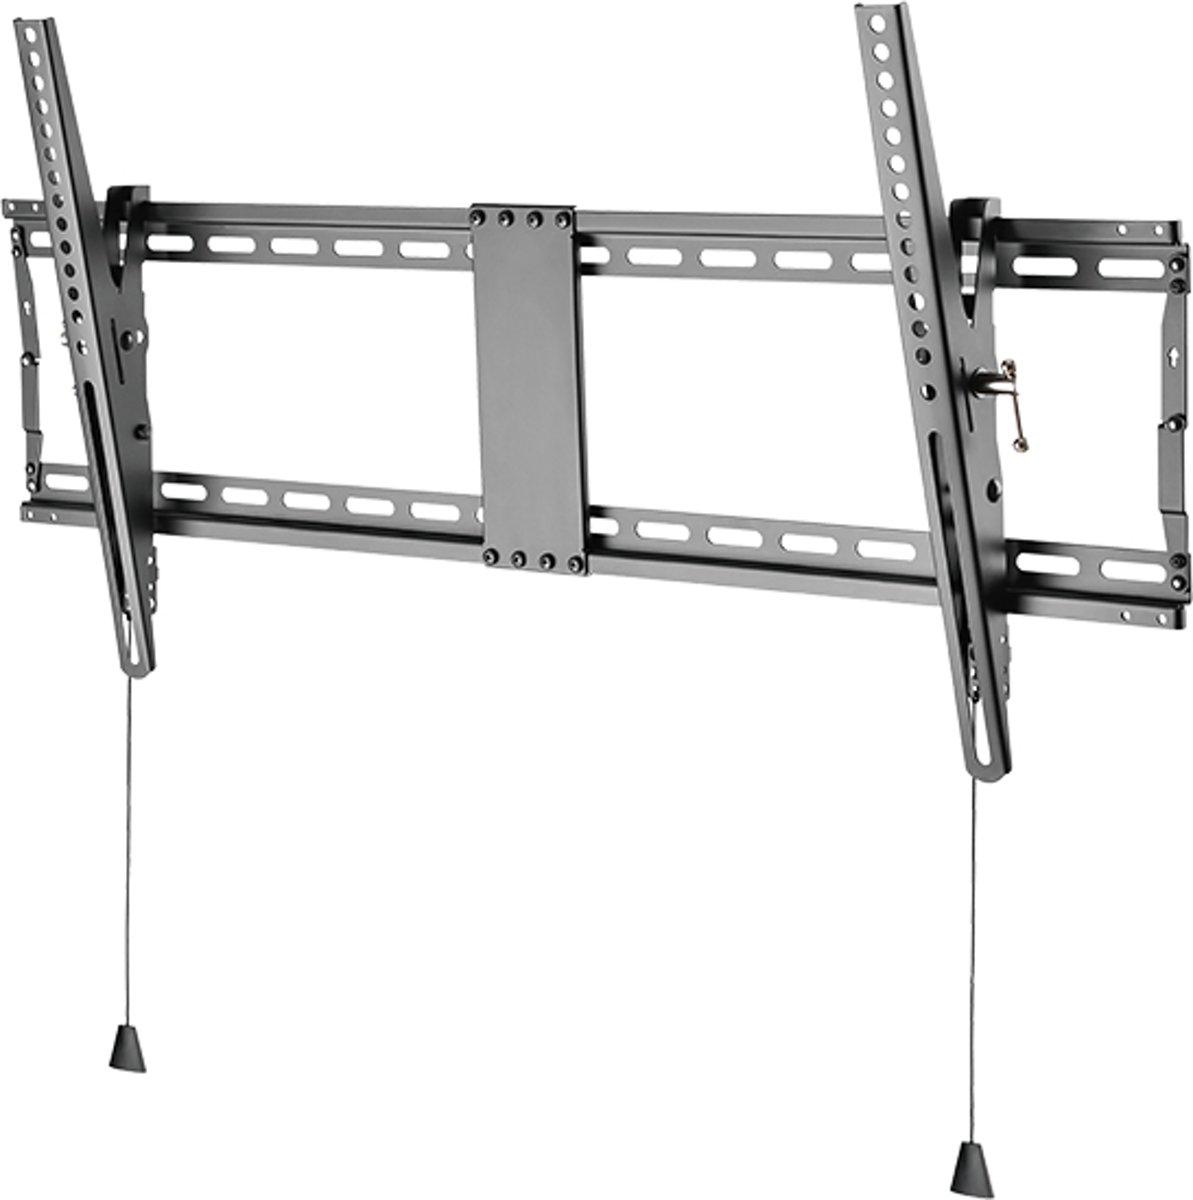 DELTACO ARM-467 Universele TV Wandbeugel, Anti-diefstal, Heavy-duty, Kantelbaar, Geschikt voor TV's van 43 t/m 90 inch kopen